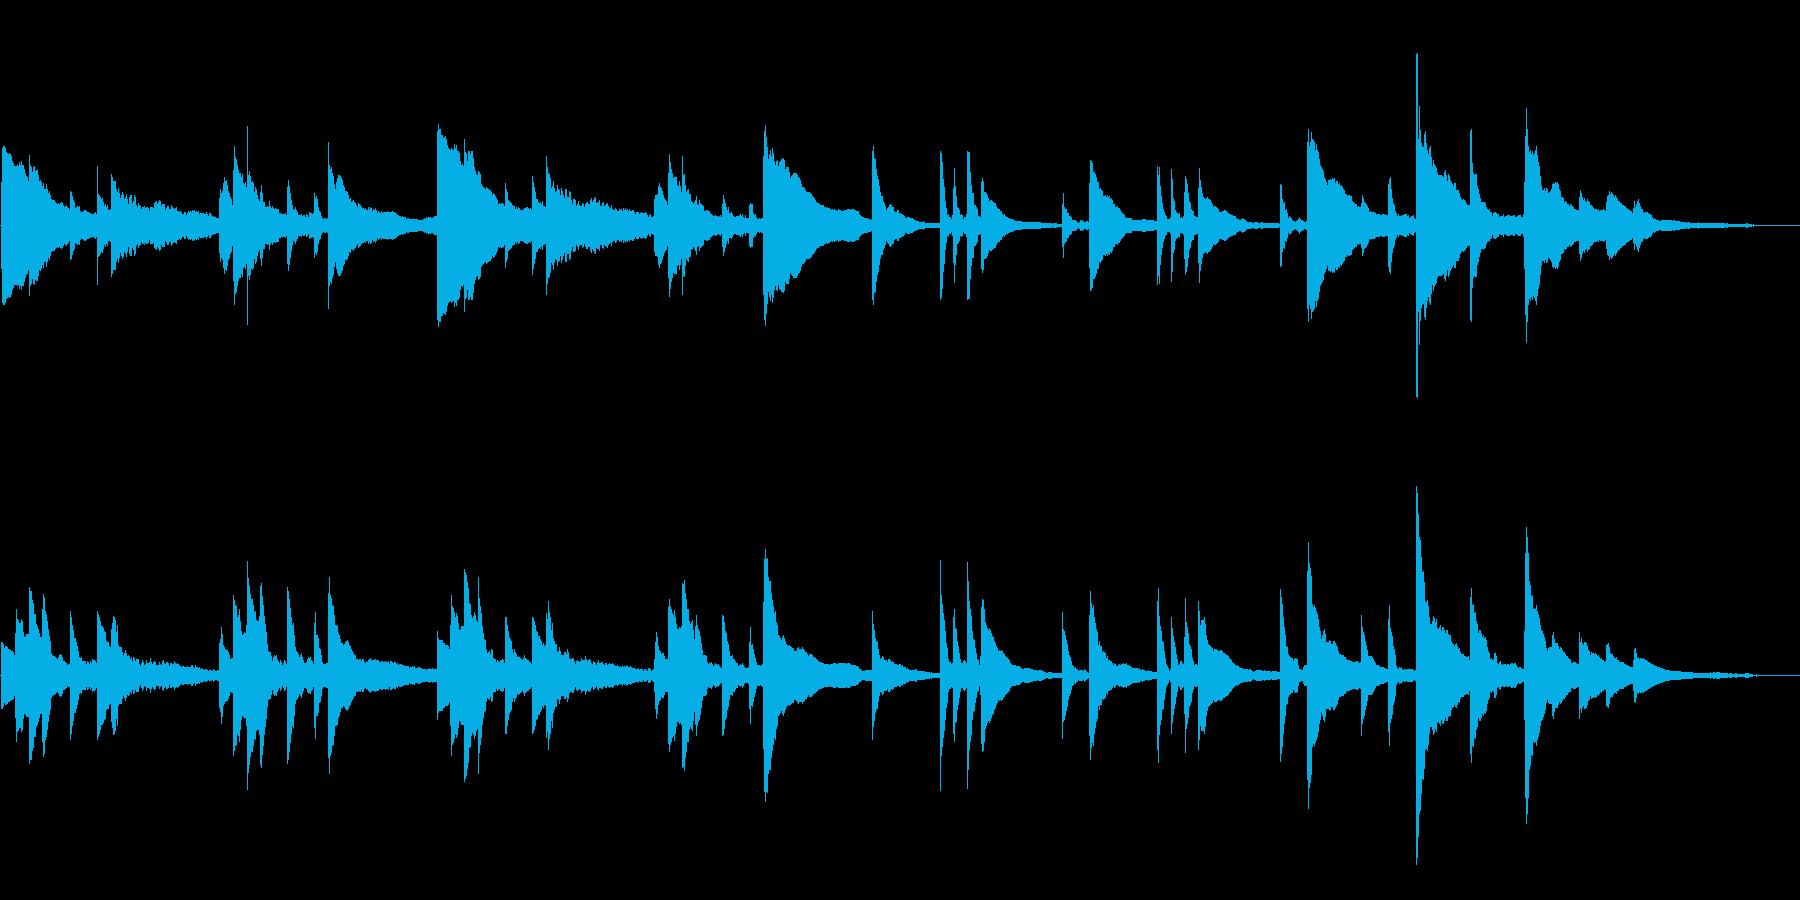 切なく綺麗なゆったりとしたピアノBGMの再生済みの波形